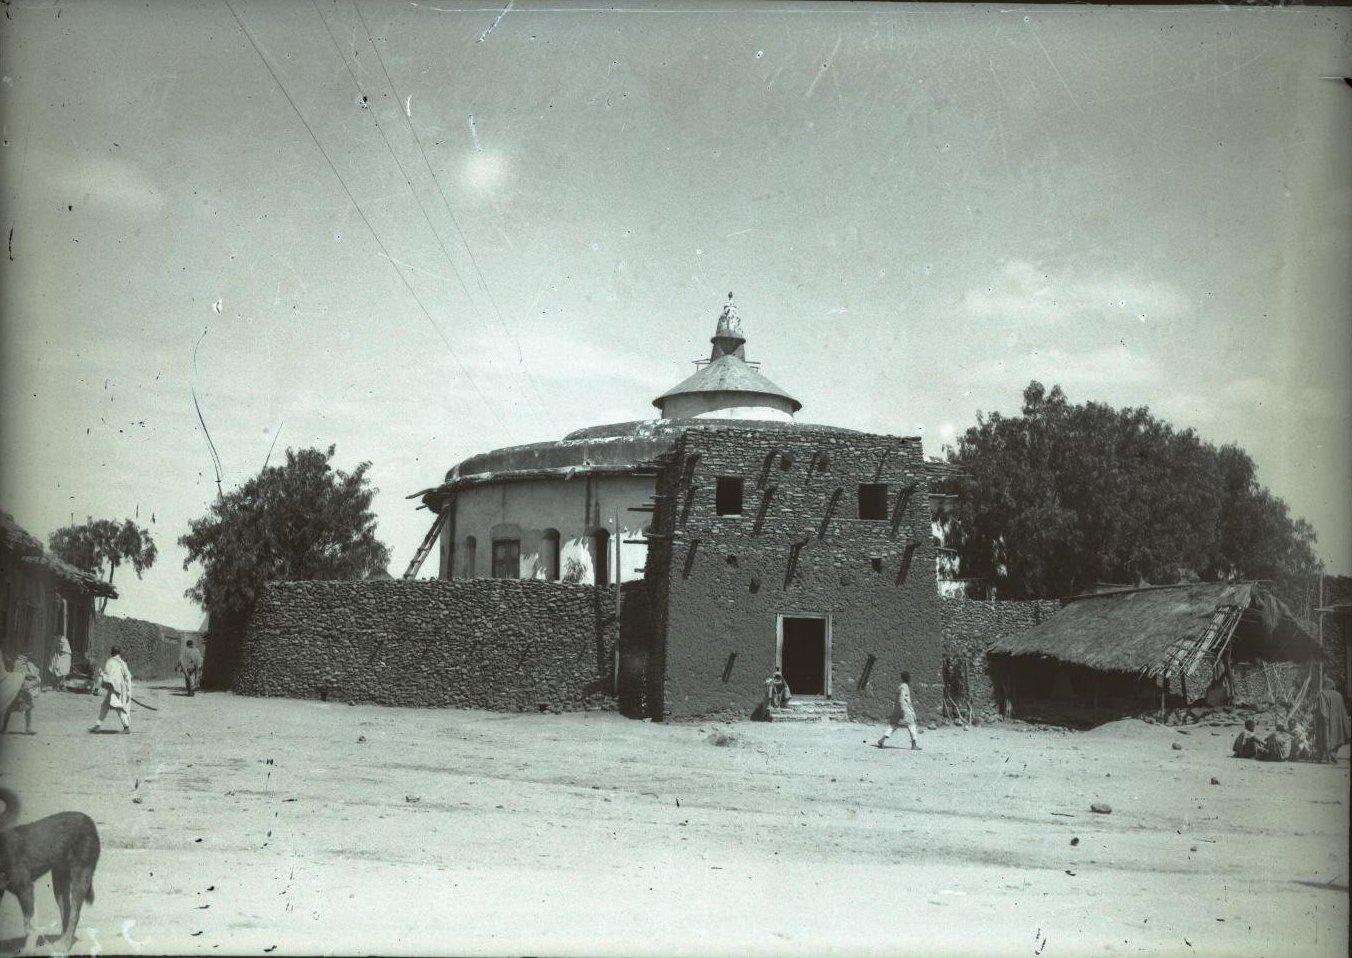 237. Абиссиния, провинция Харар, г. Харар. Церковь